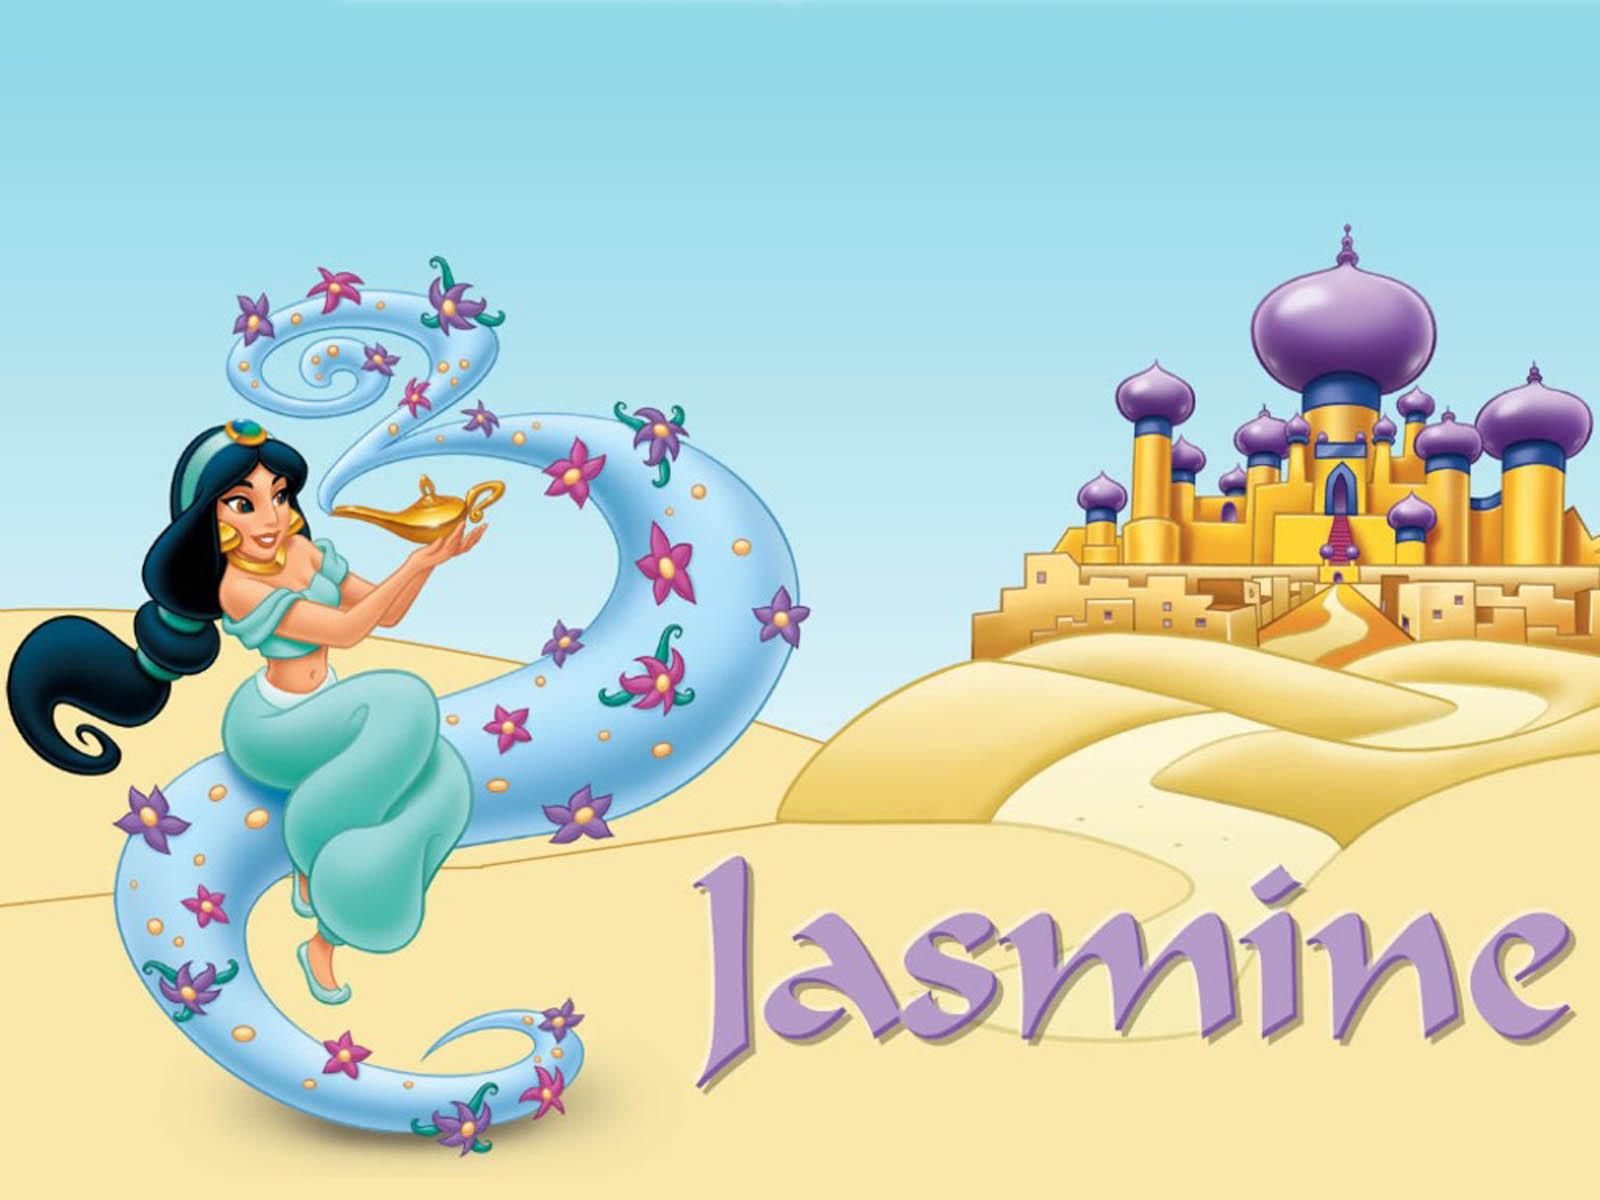 desktop wallpapers disney princess jasmine desktop backgrounds disney 1600x1200